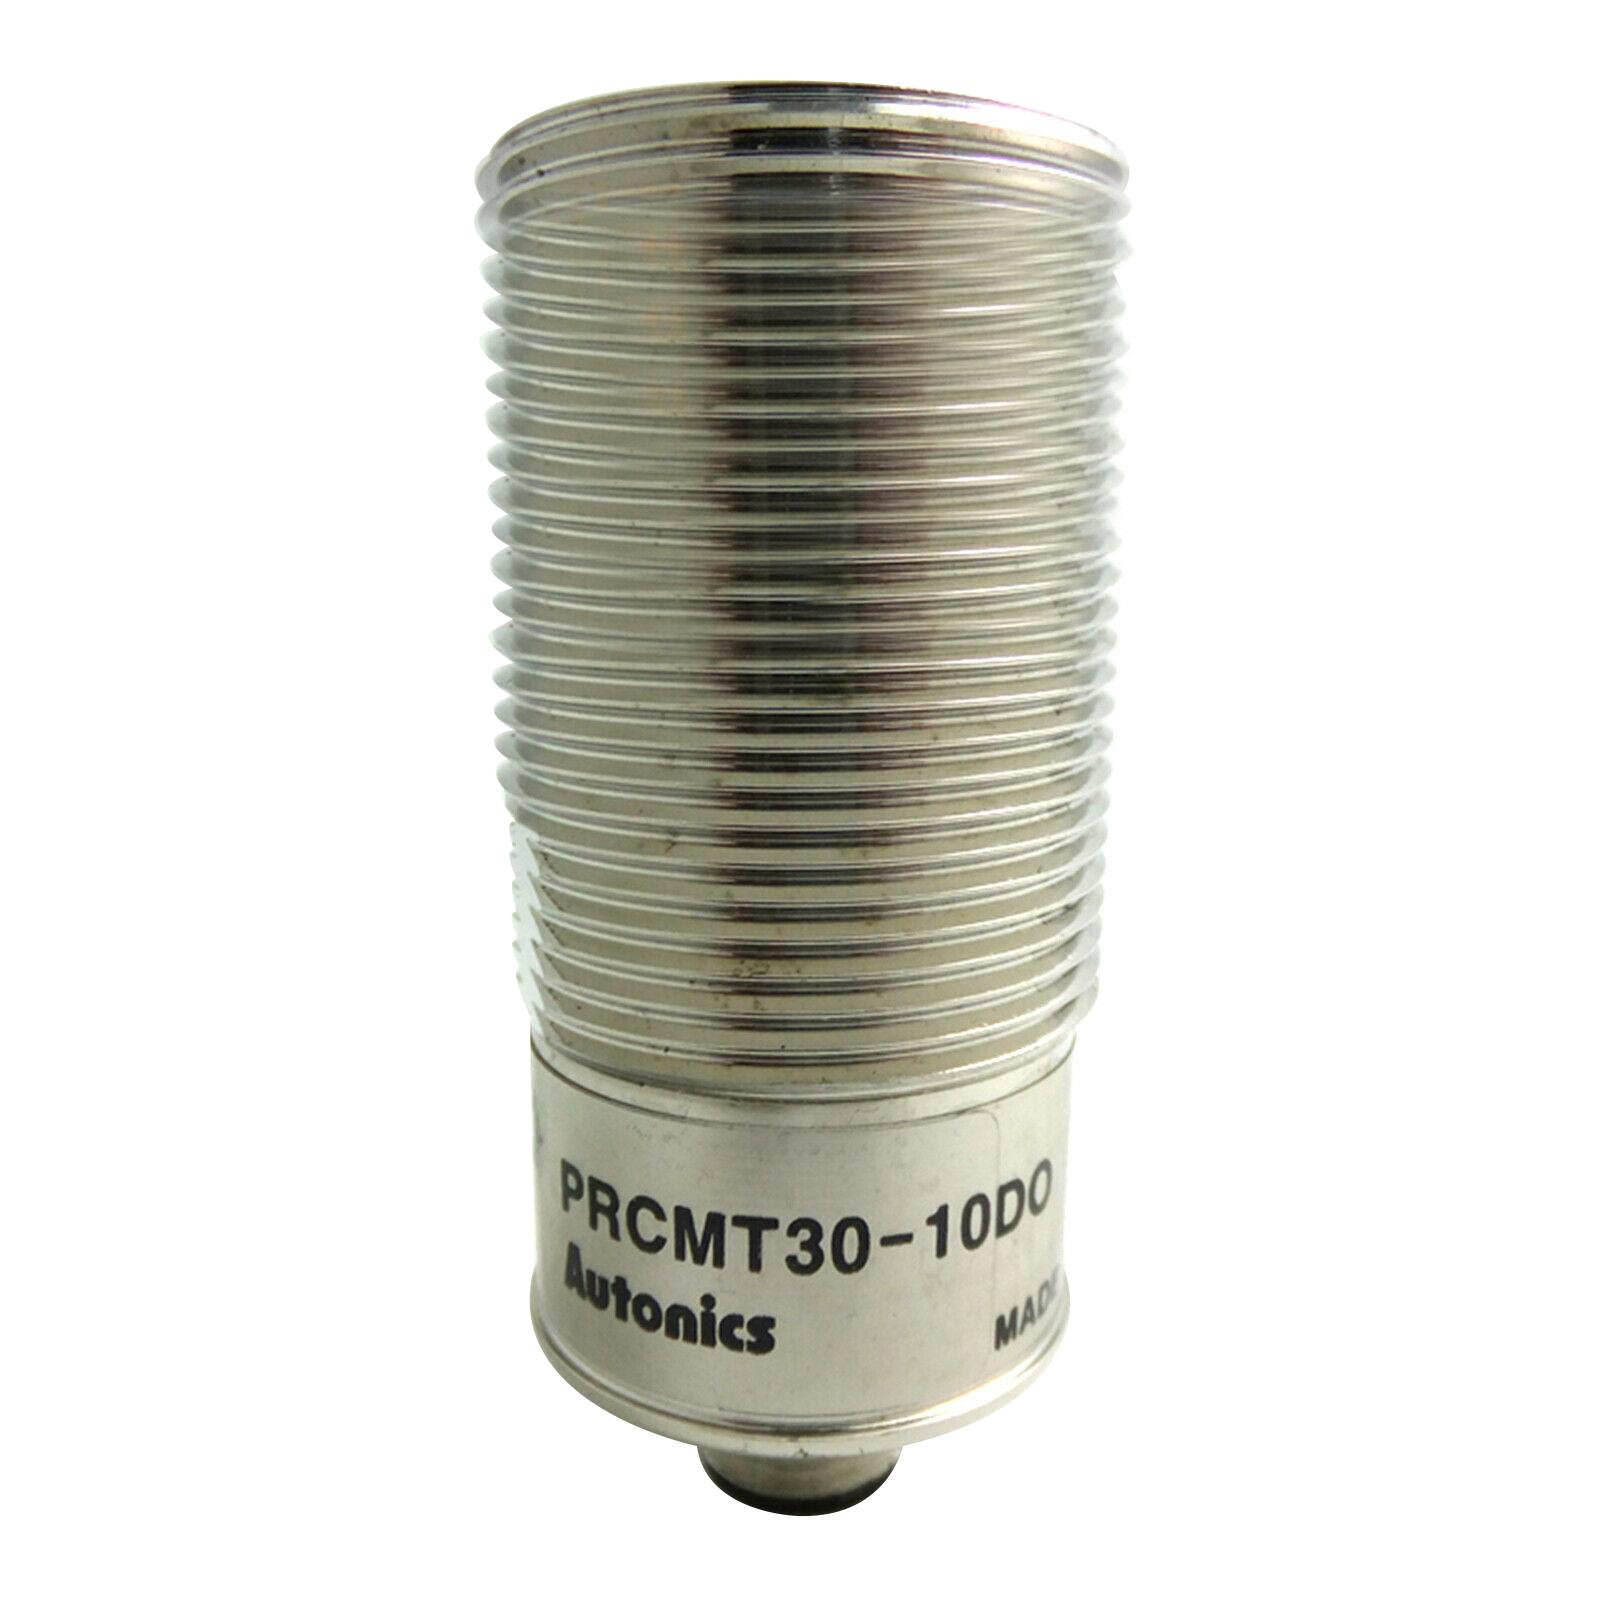 Cảm biến hình trụ loại DC 2 dây Autonics PRCMT30-10DO